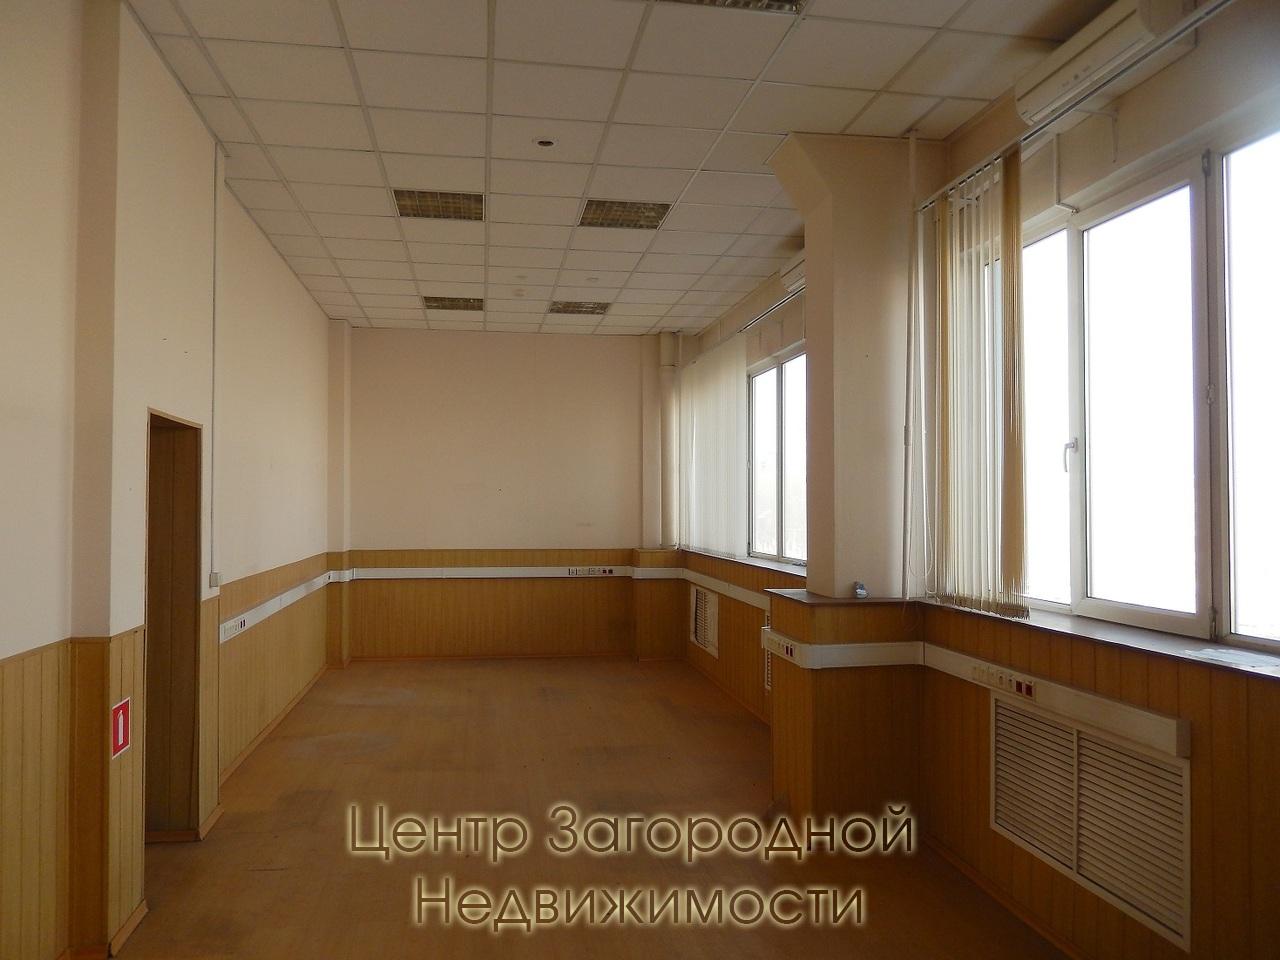 Аренда офиса в москве класса c кунцевская аренда офиса